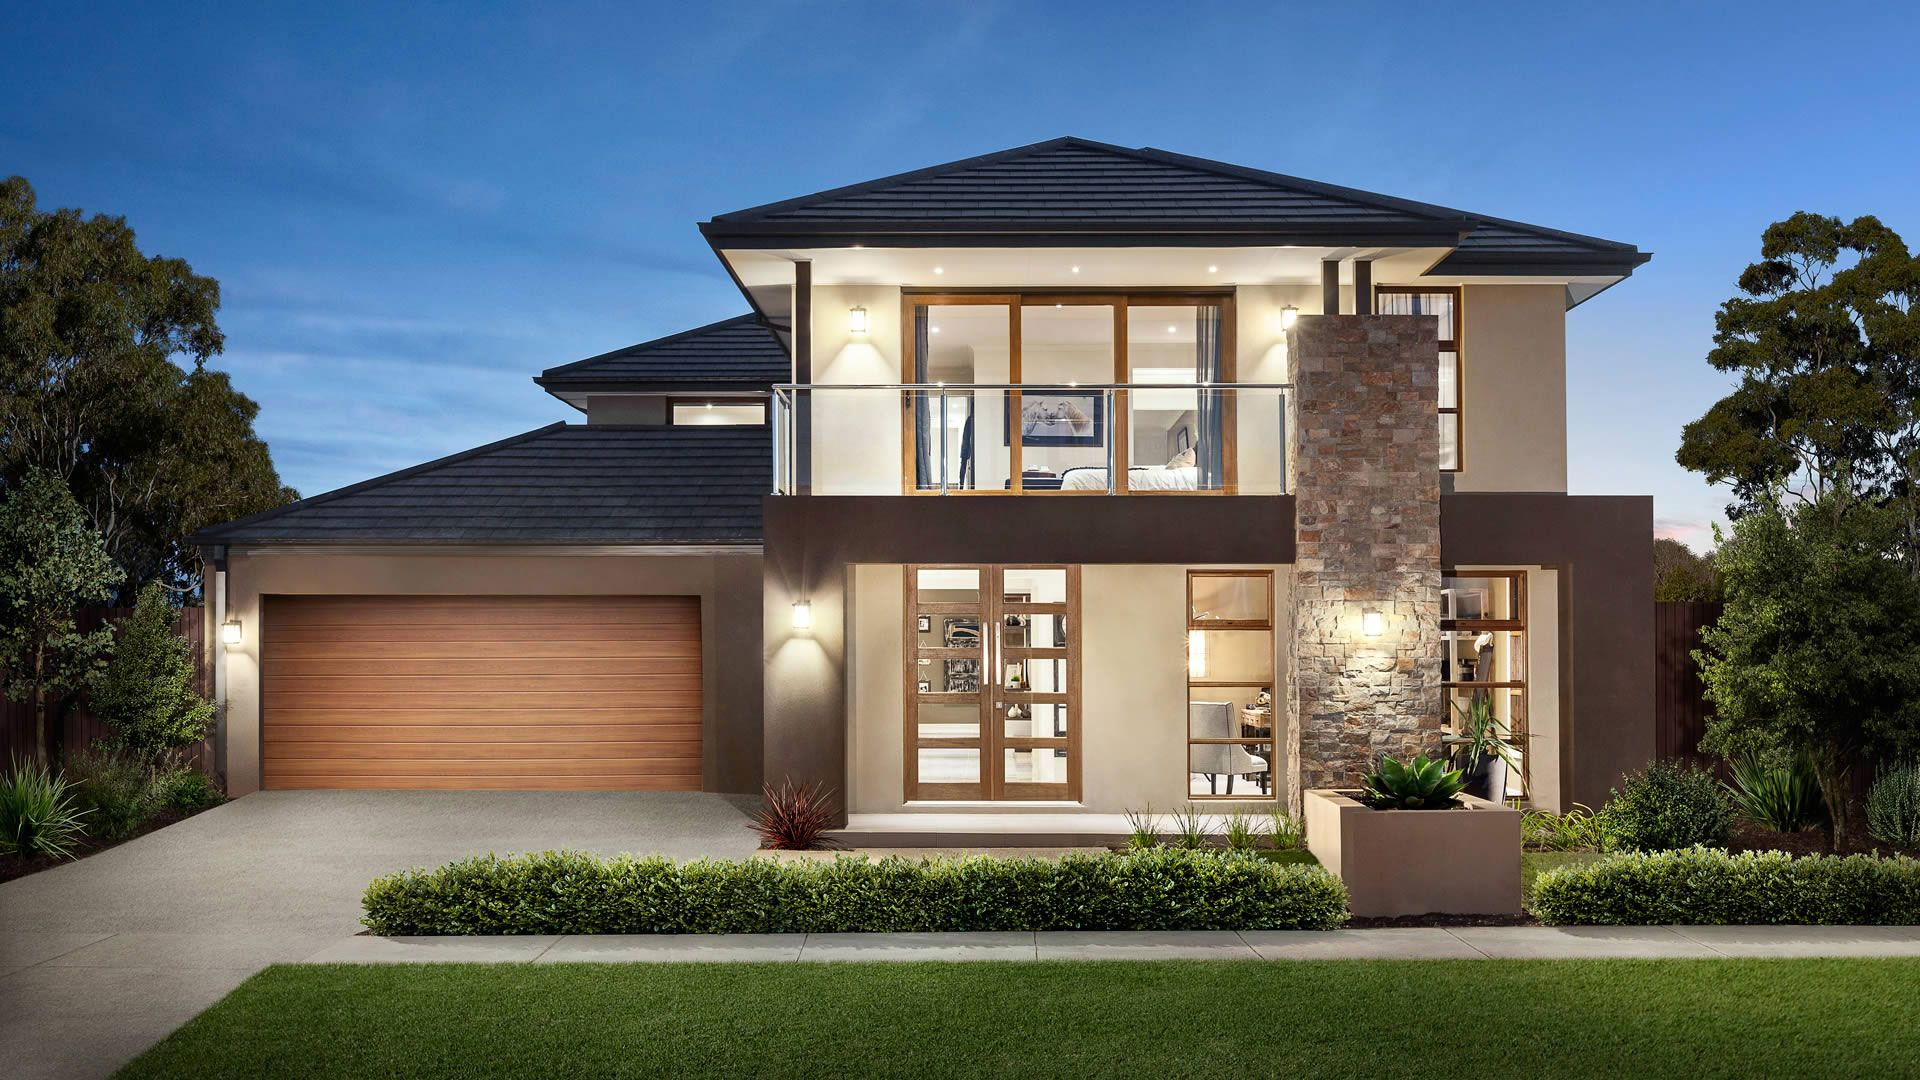 home design best home designer home design ideas images the best home design - Home Design Modern